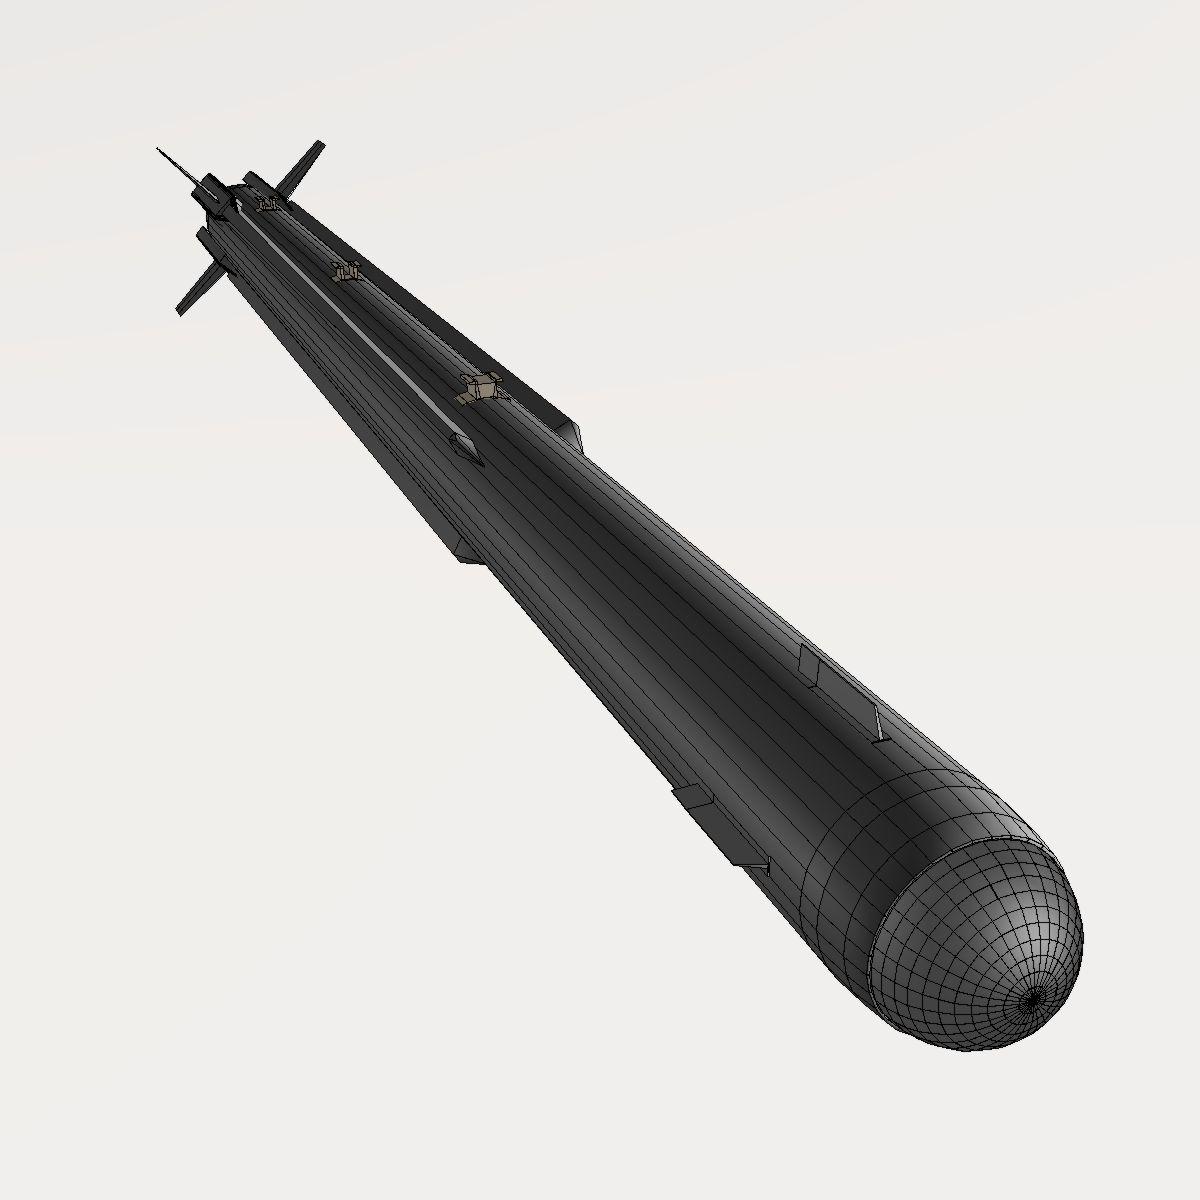 a-darter havadan havaya mərmi 3d modeli 3ds dxf cob x obj 151891